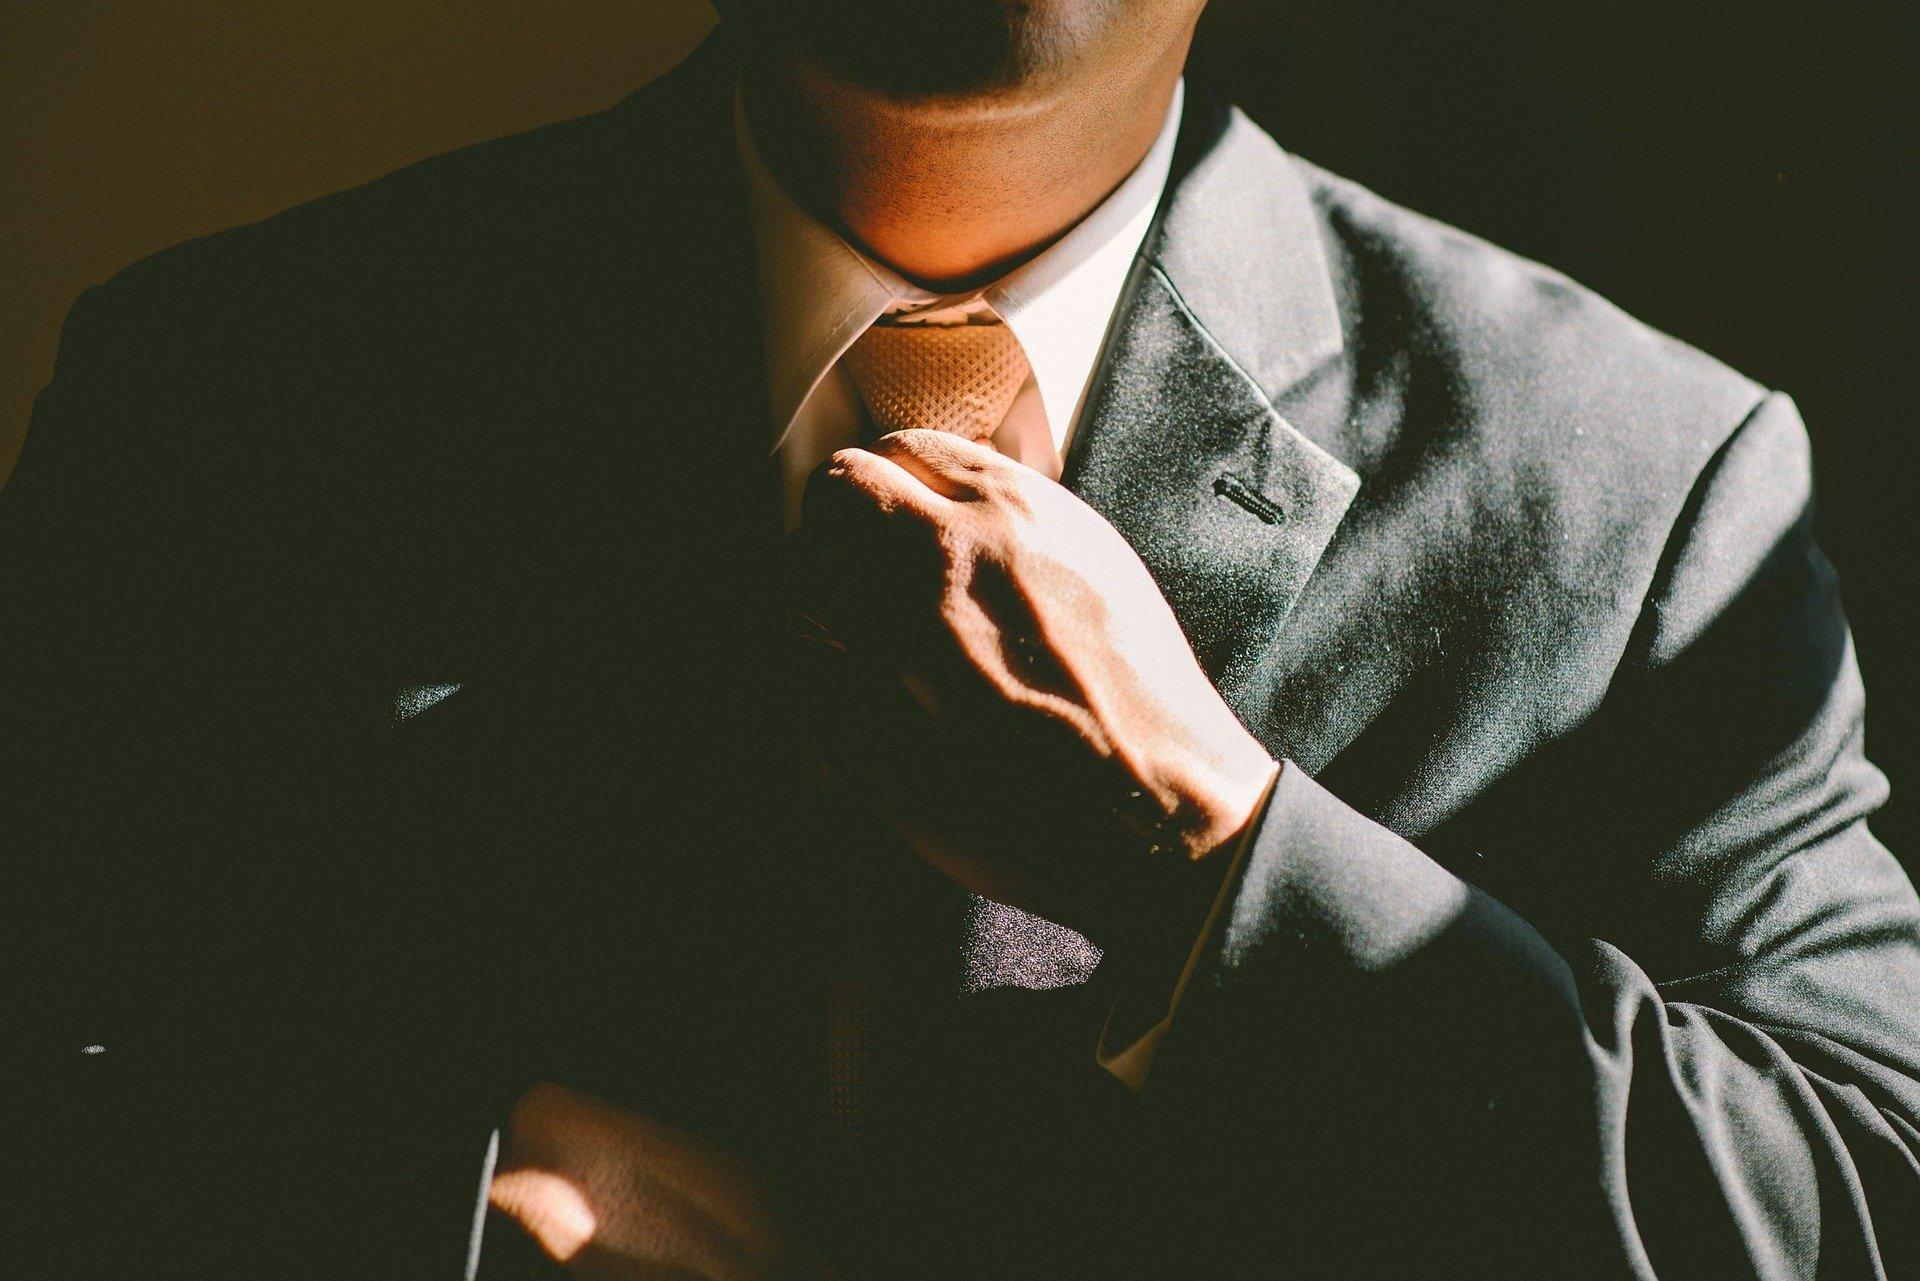 איך לבחור את המקצוע המתאים ביותר עבורנו?